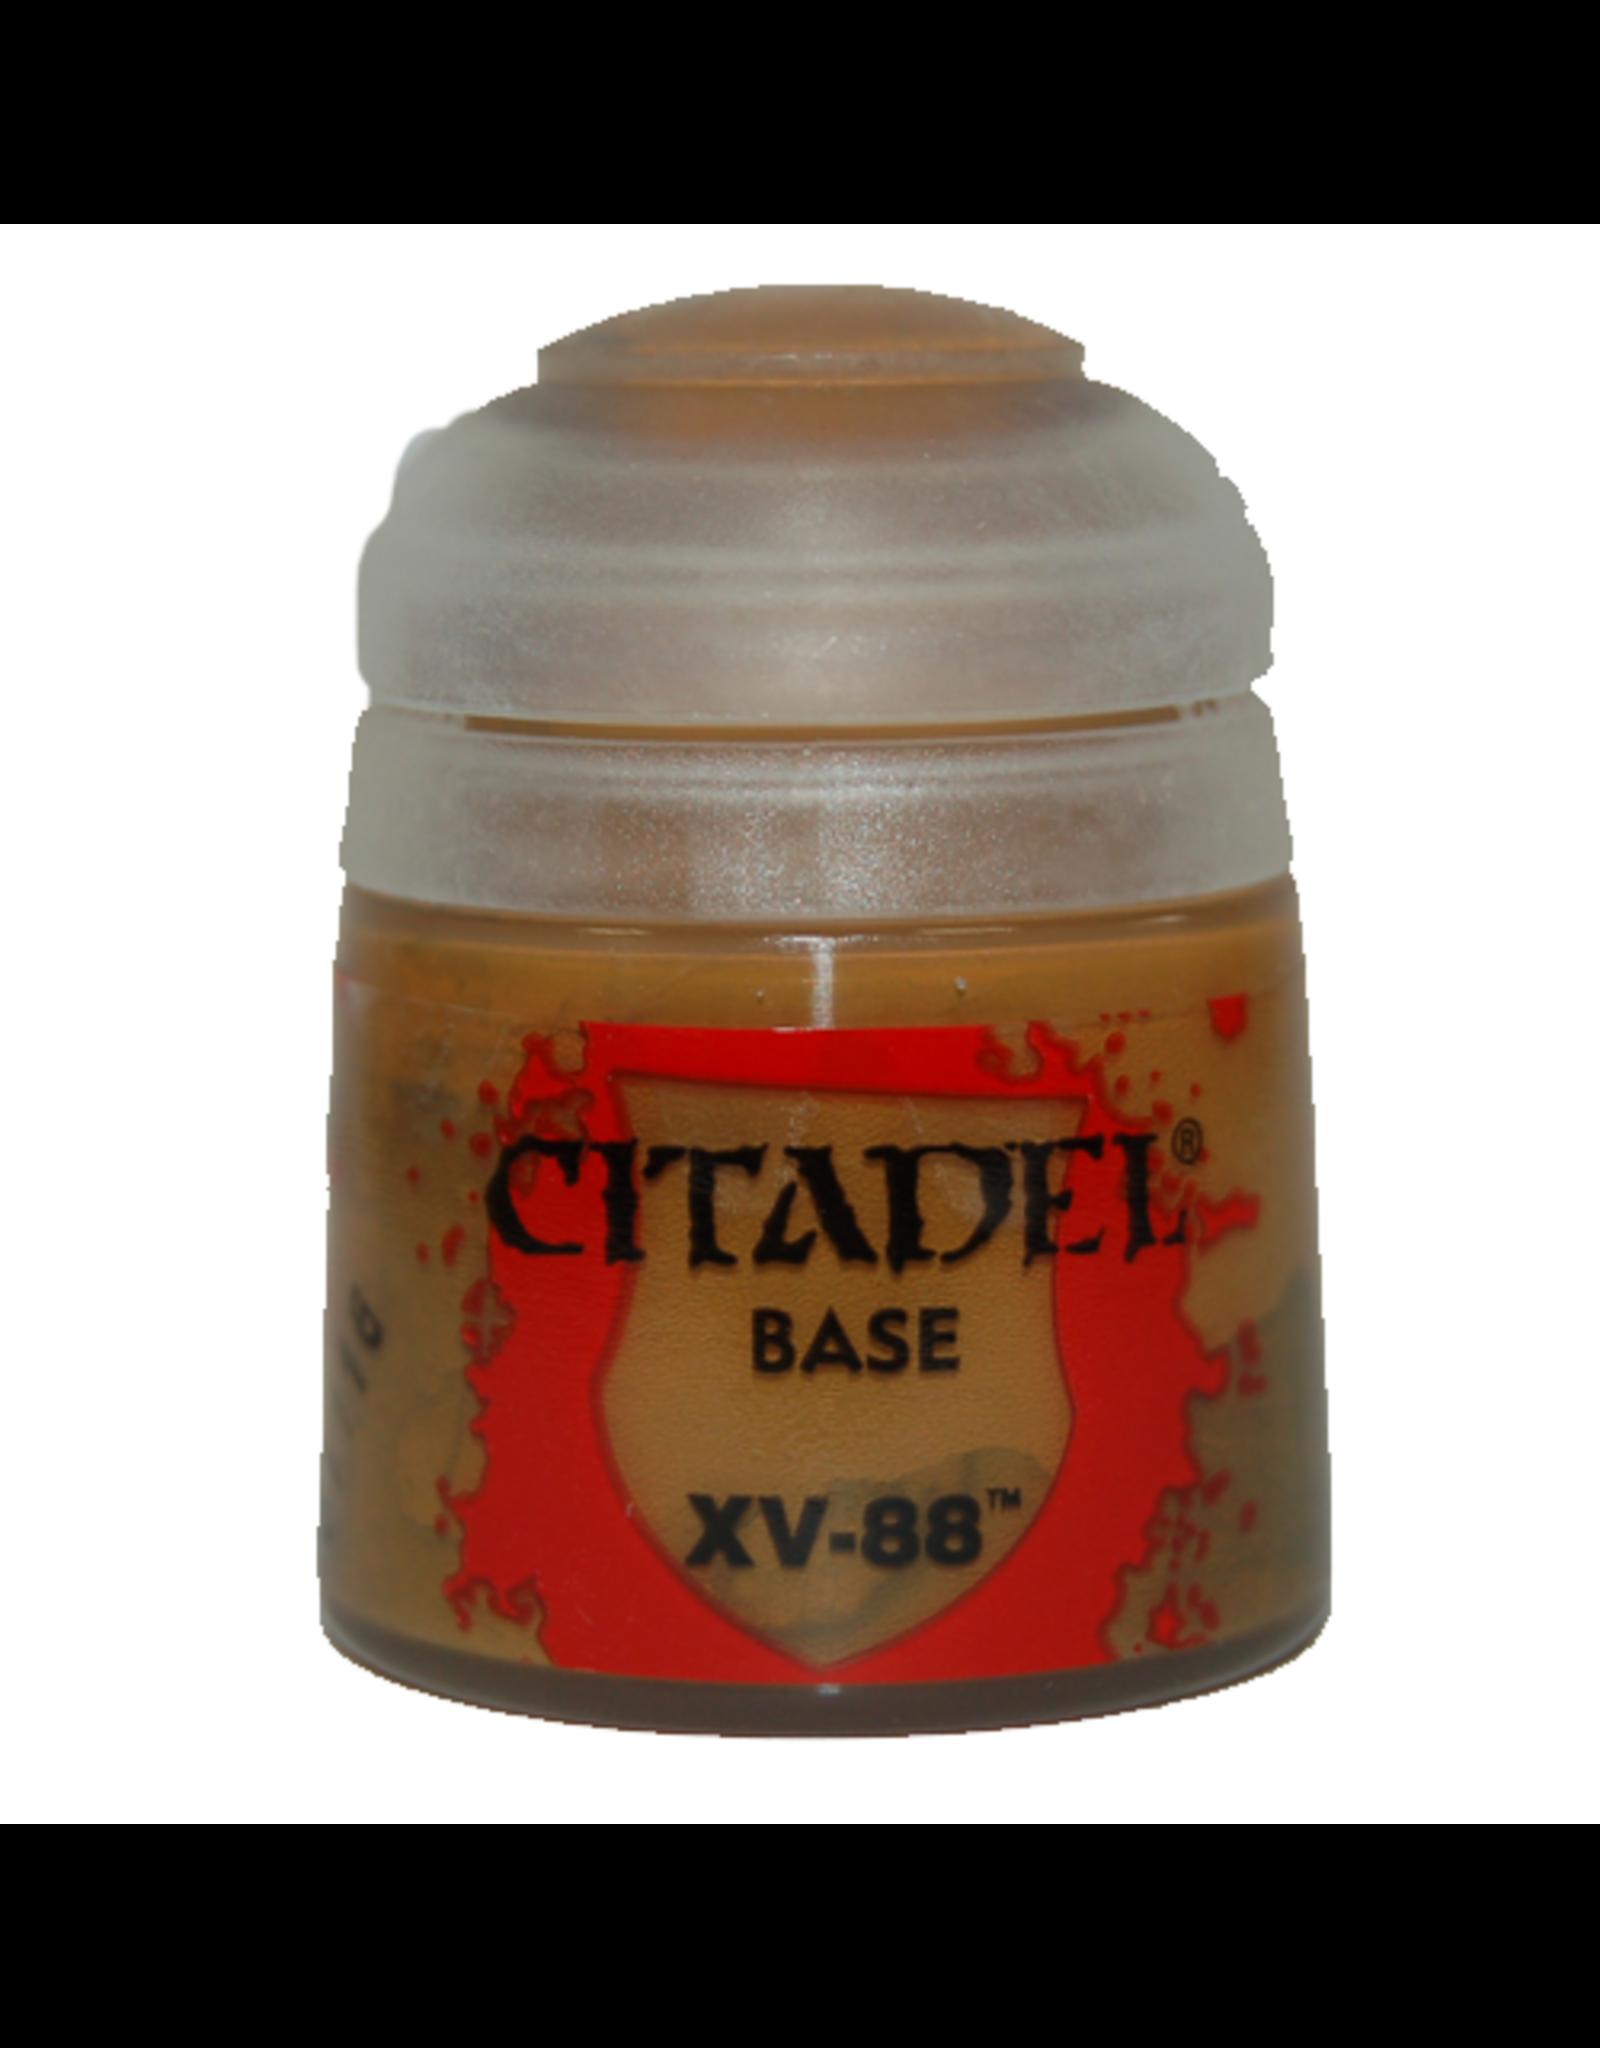 Citadel Citadel Paints: Base - XV-88